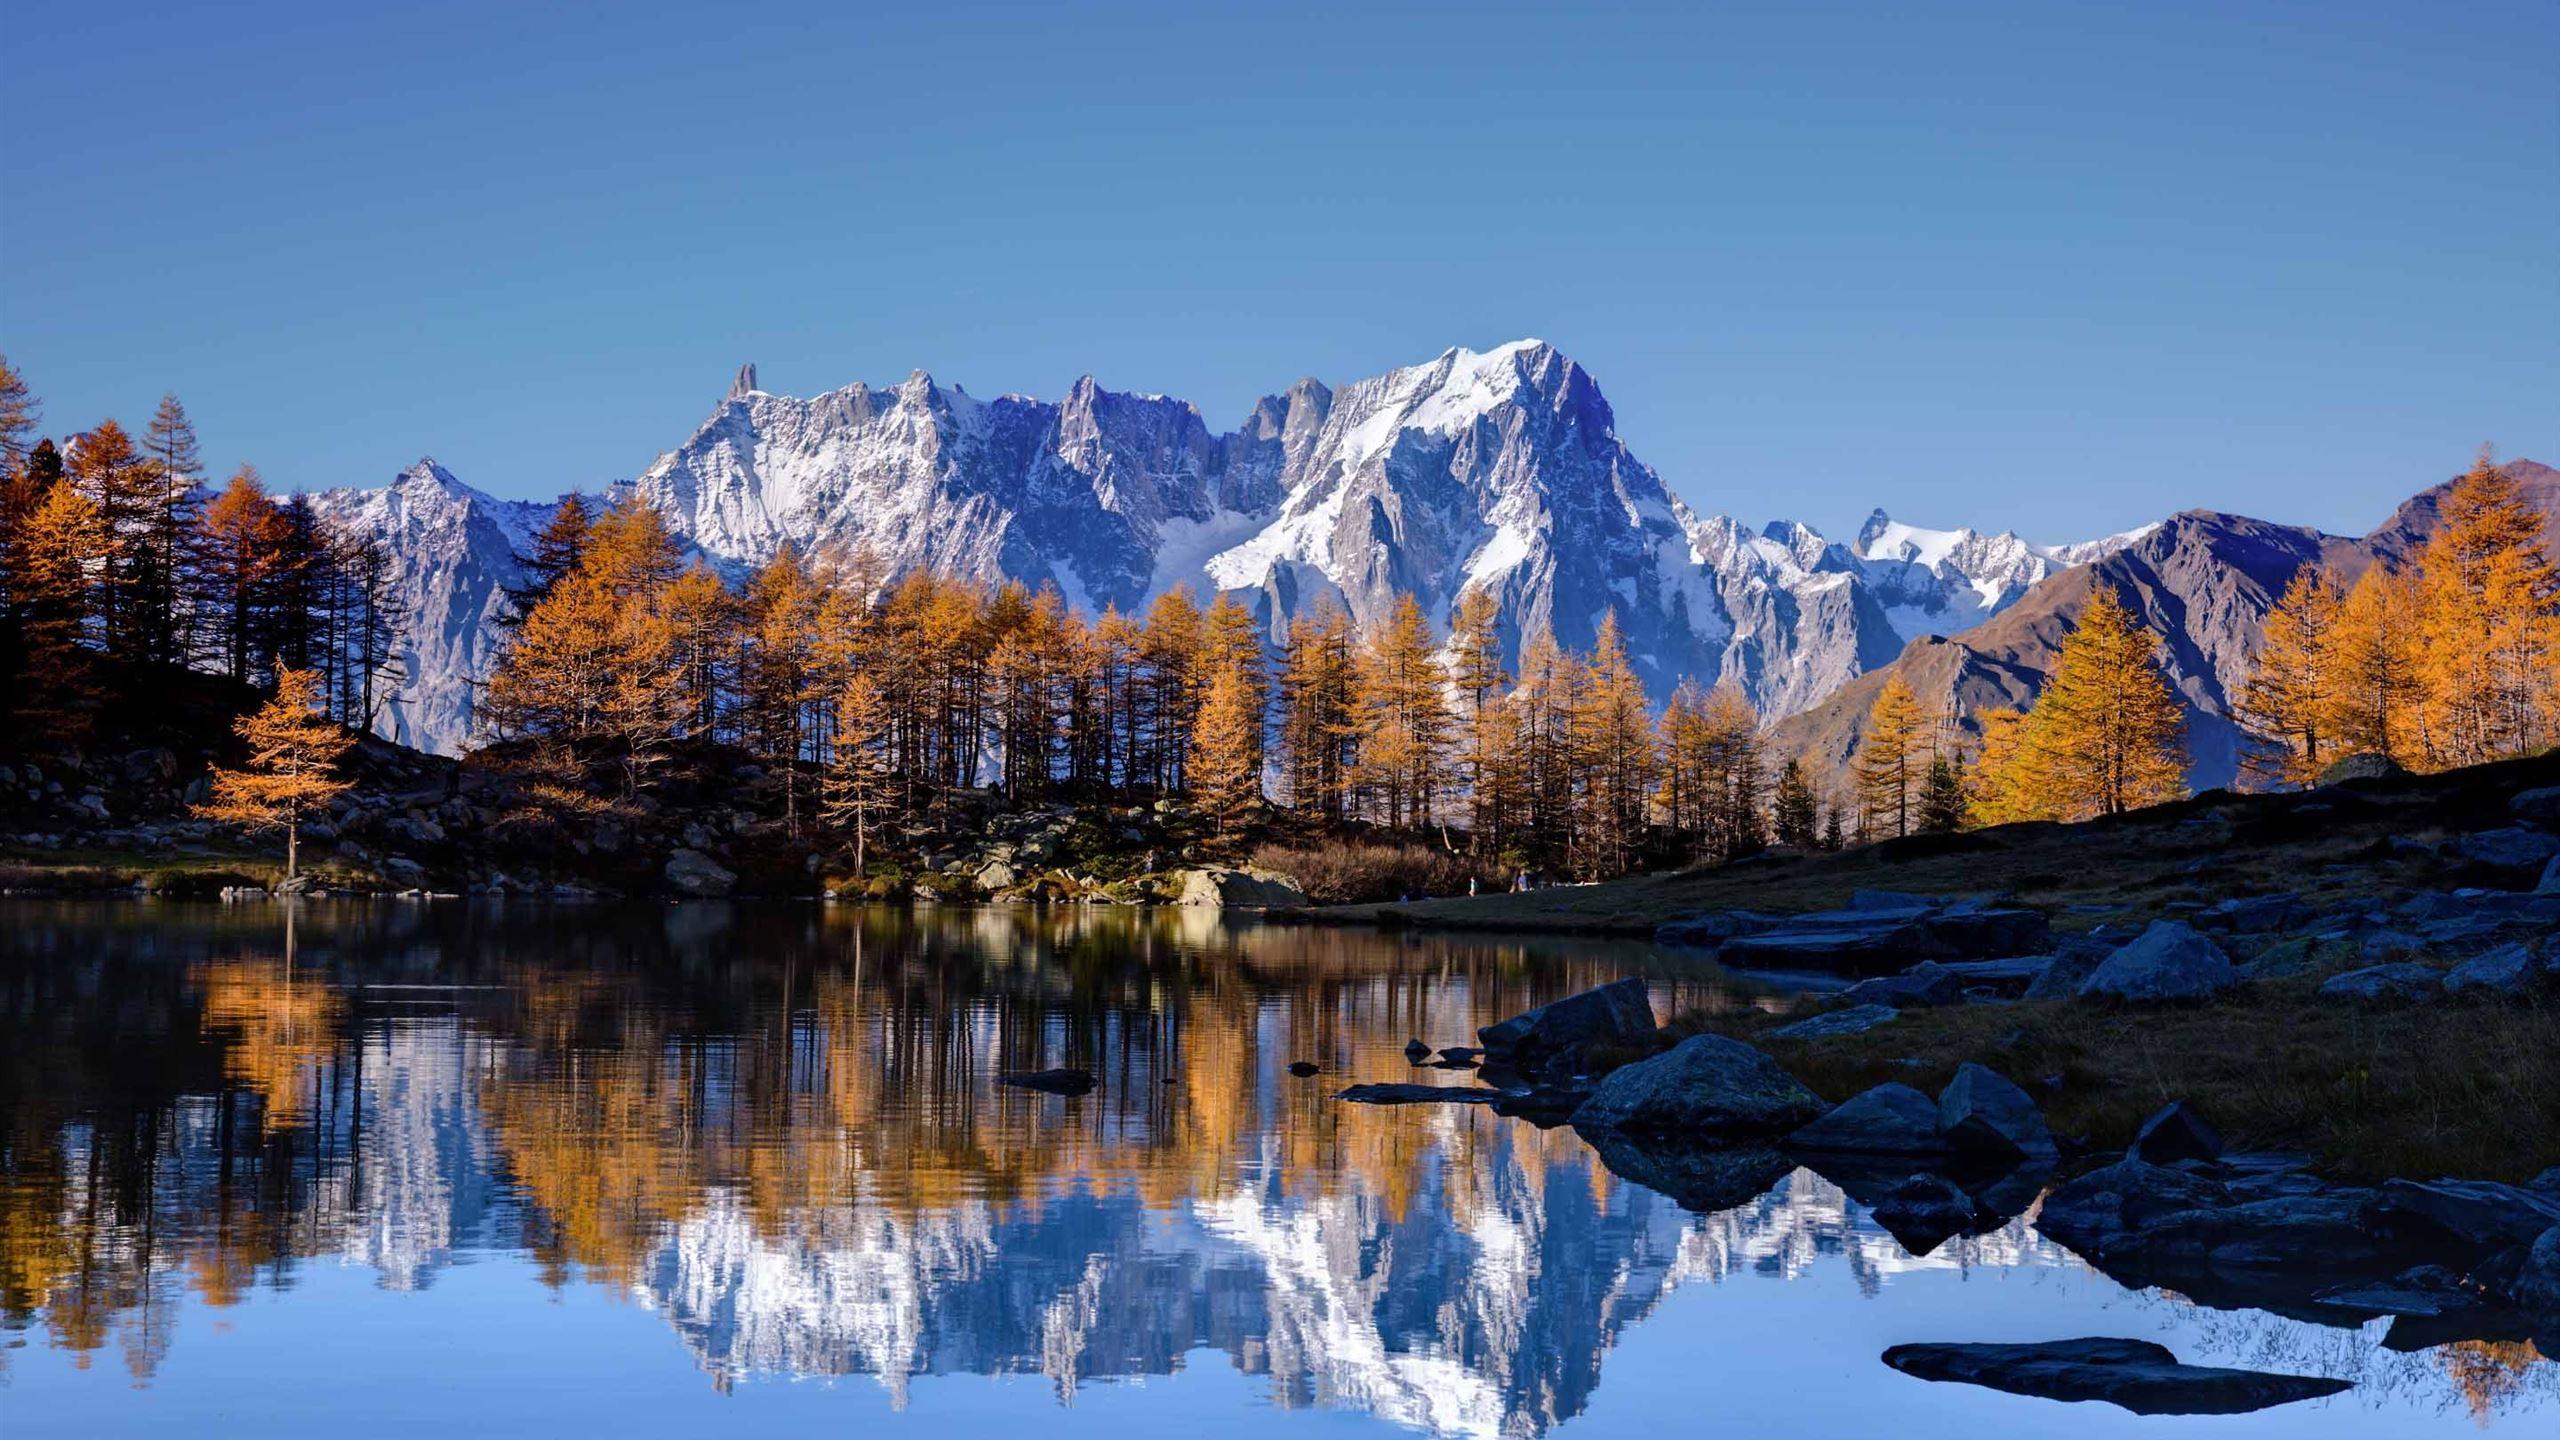 Mont Blanc Autumn Mac Wallpaper Download Allmacwallpaper